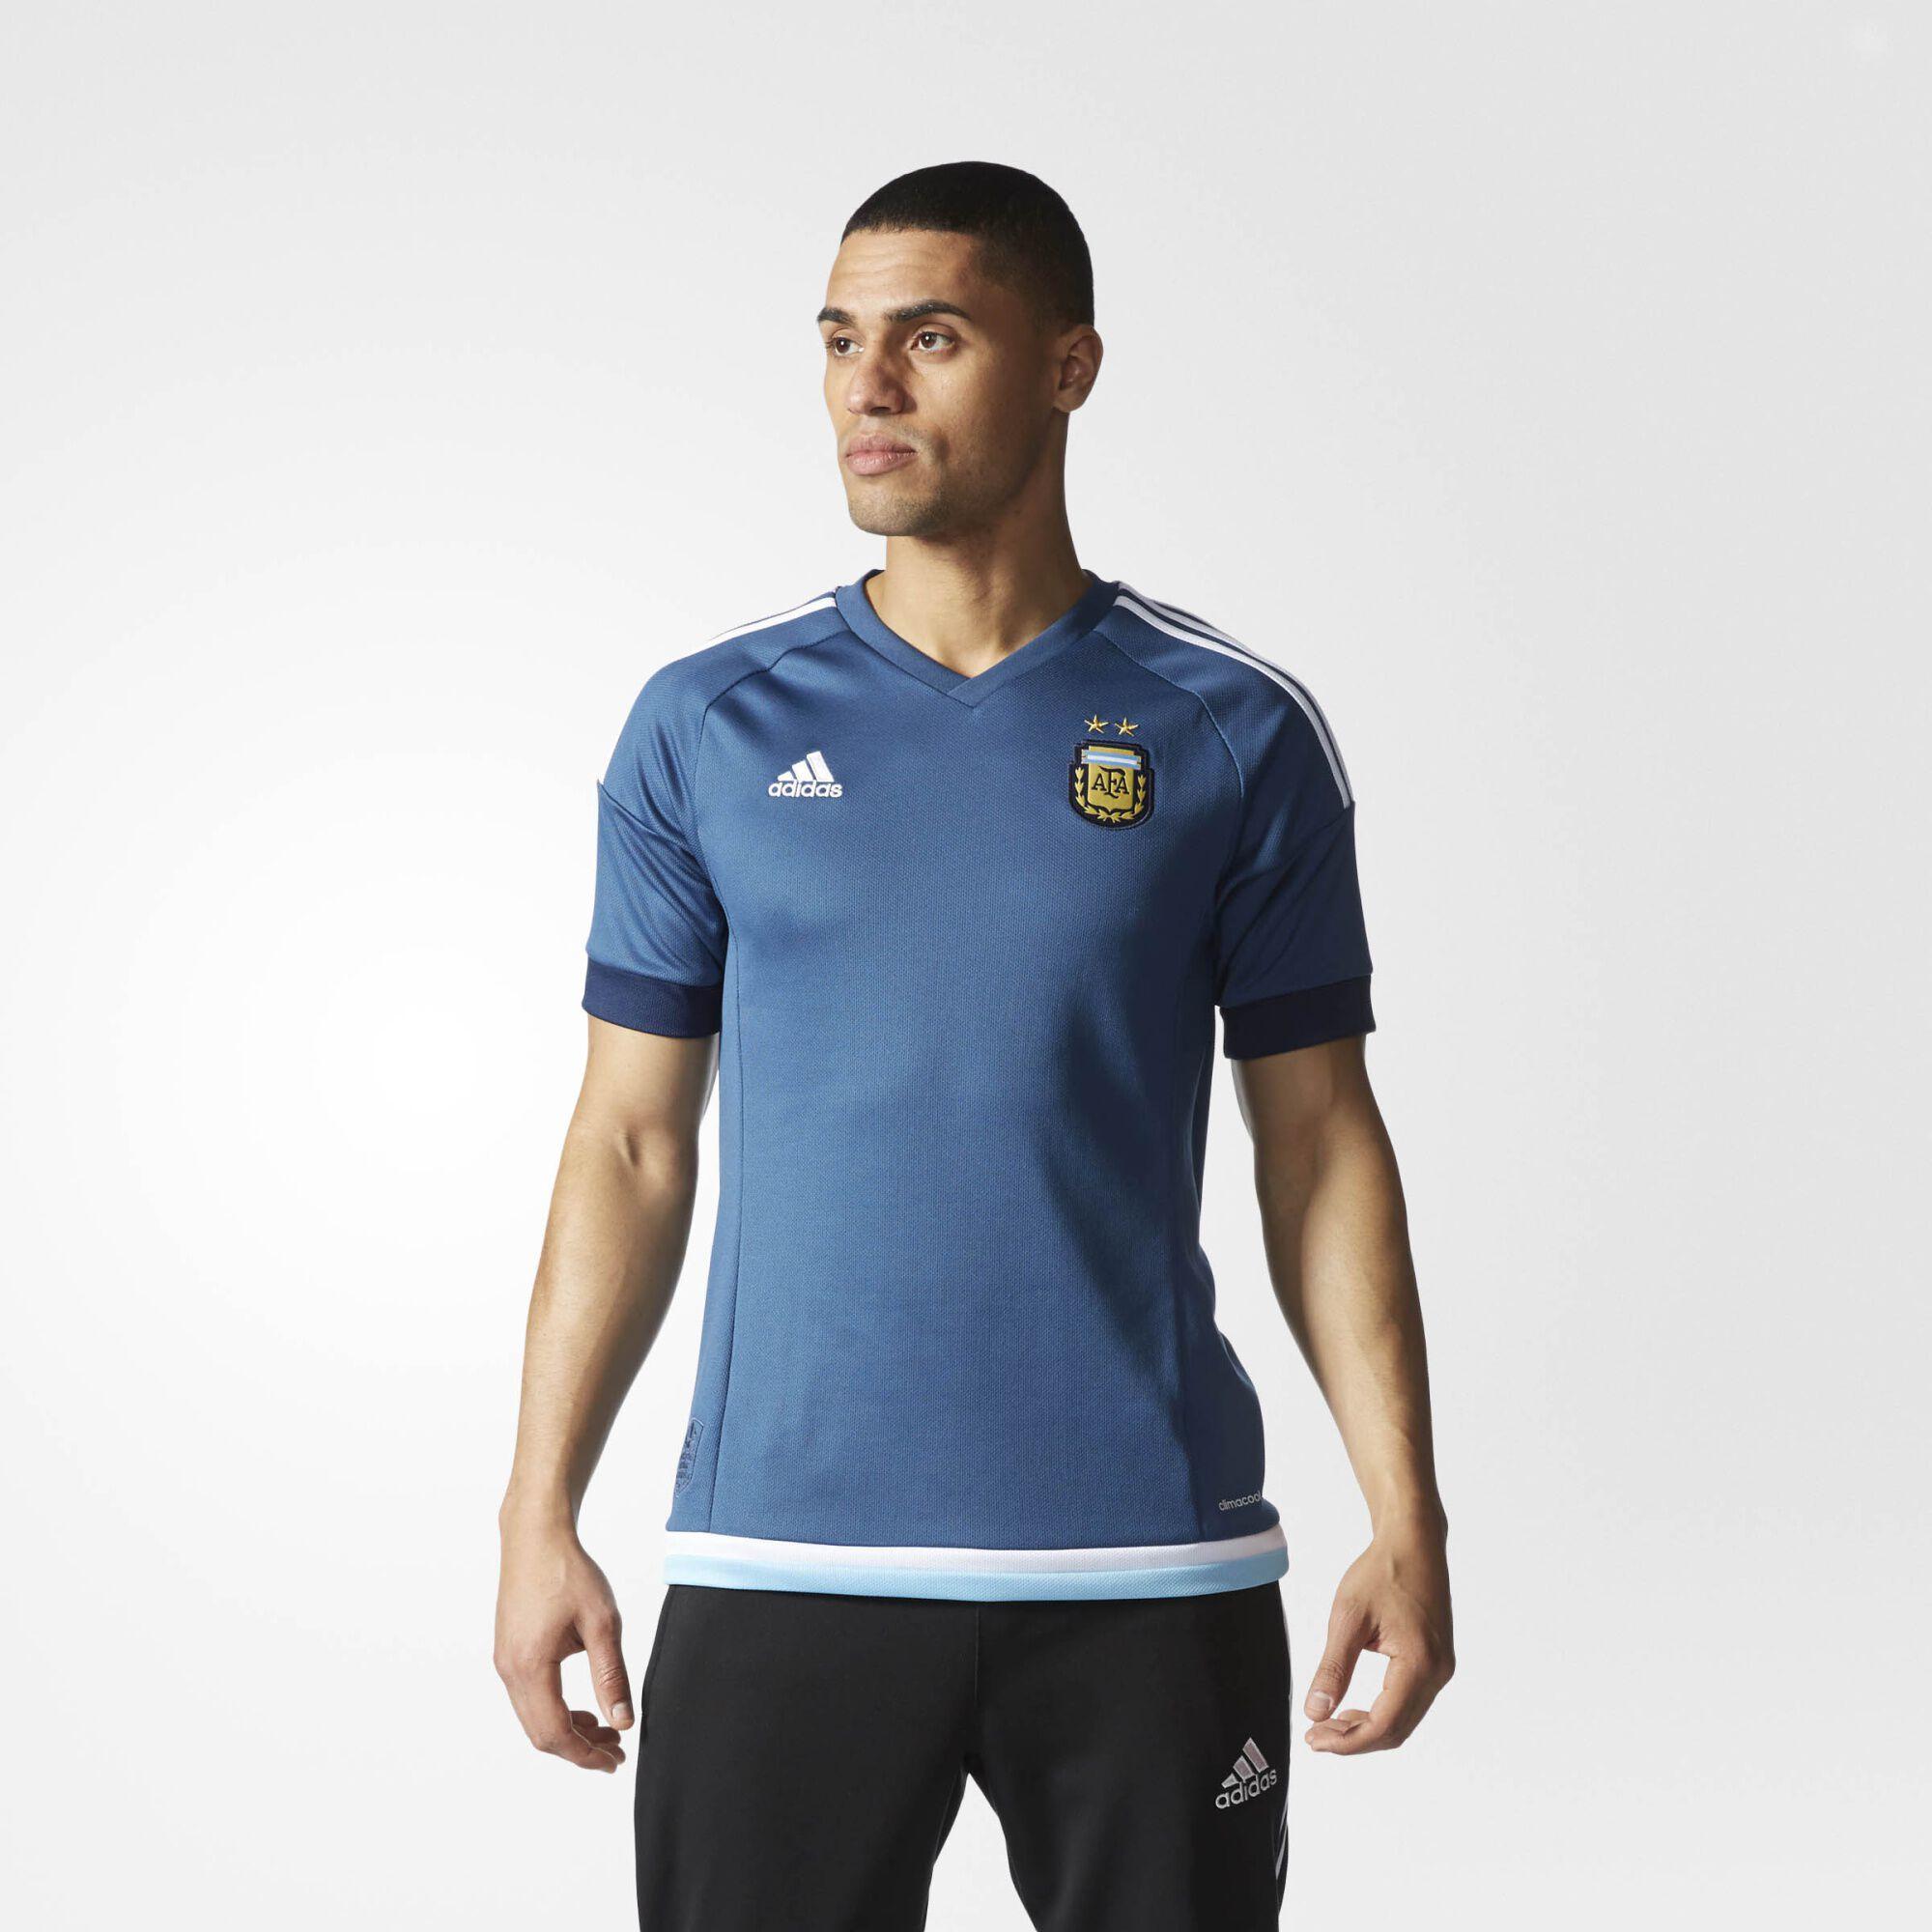 Adidas Argentine